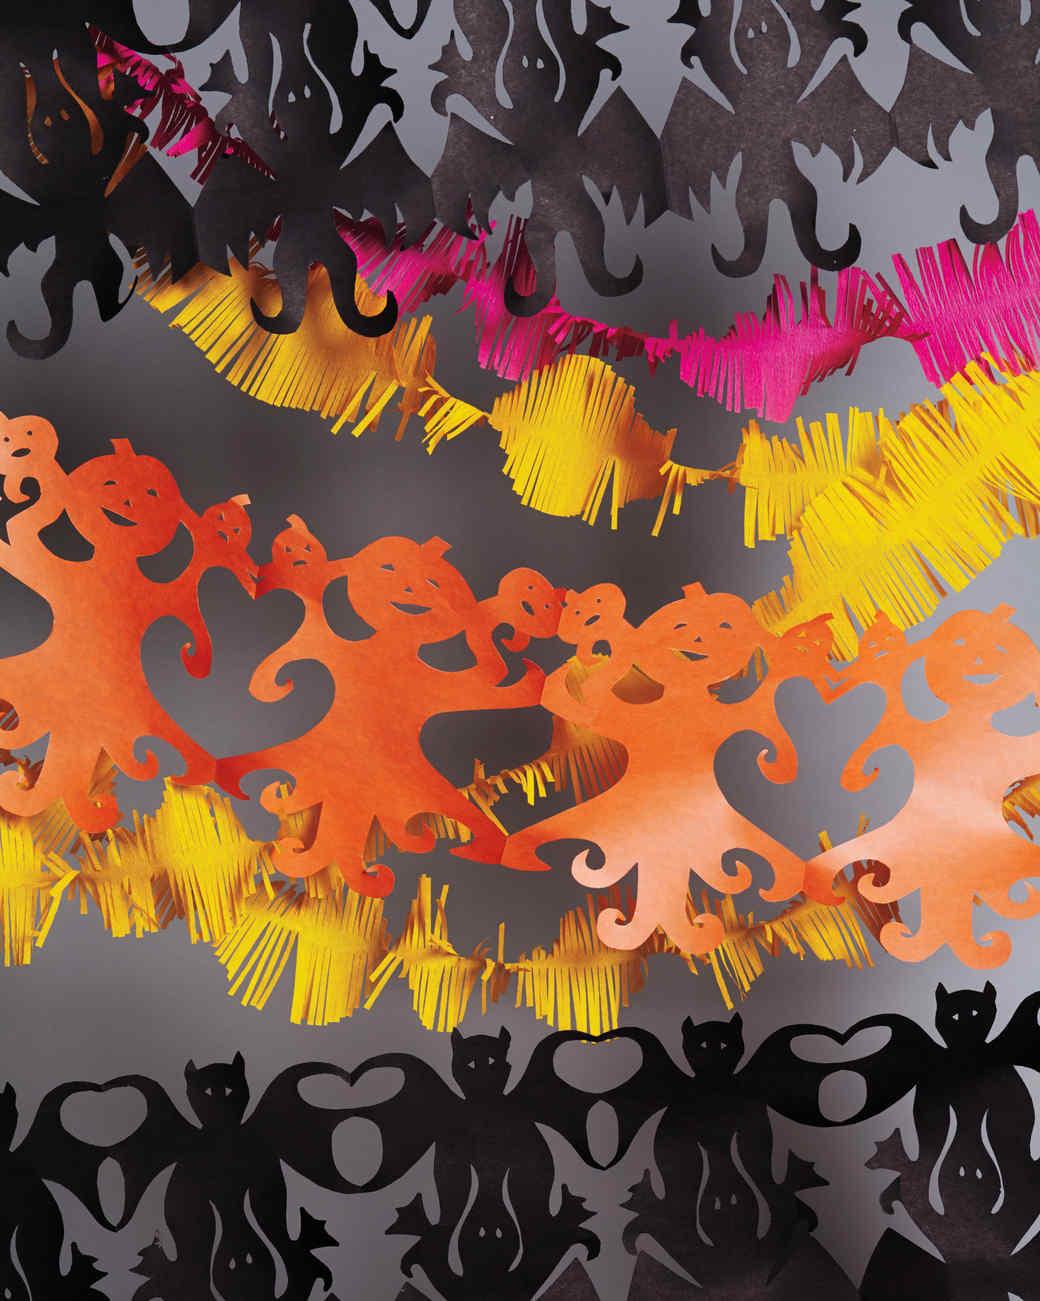 paper-banners-670-d111394.jpg